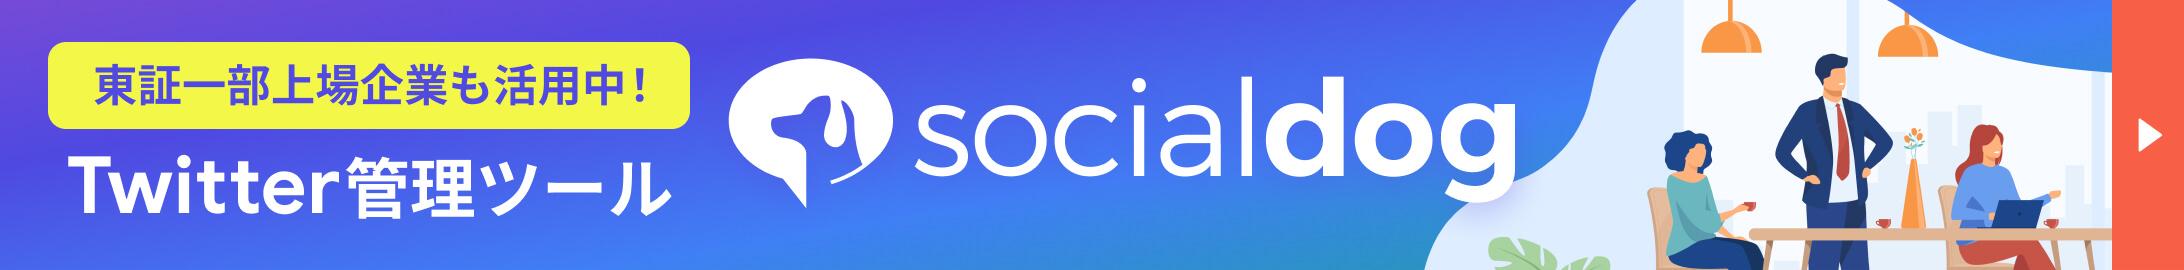 東証一部上場企業も活用中! Twitter管理ツール SocialDog